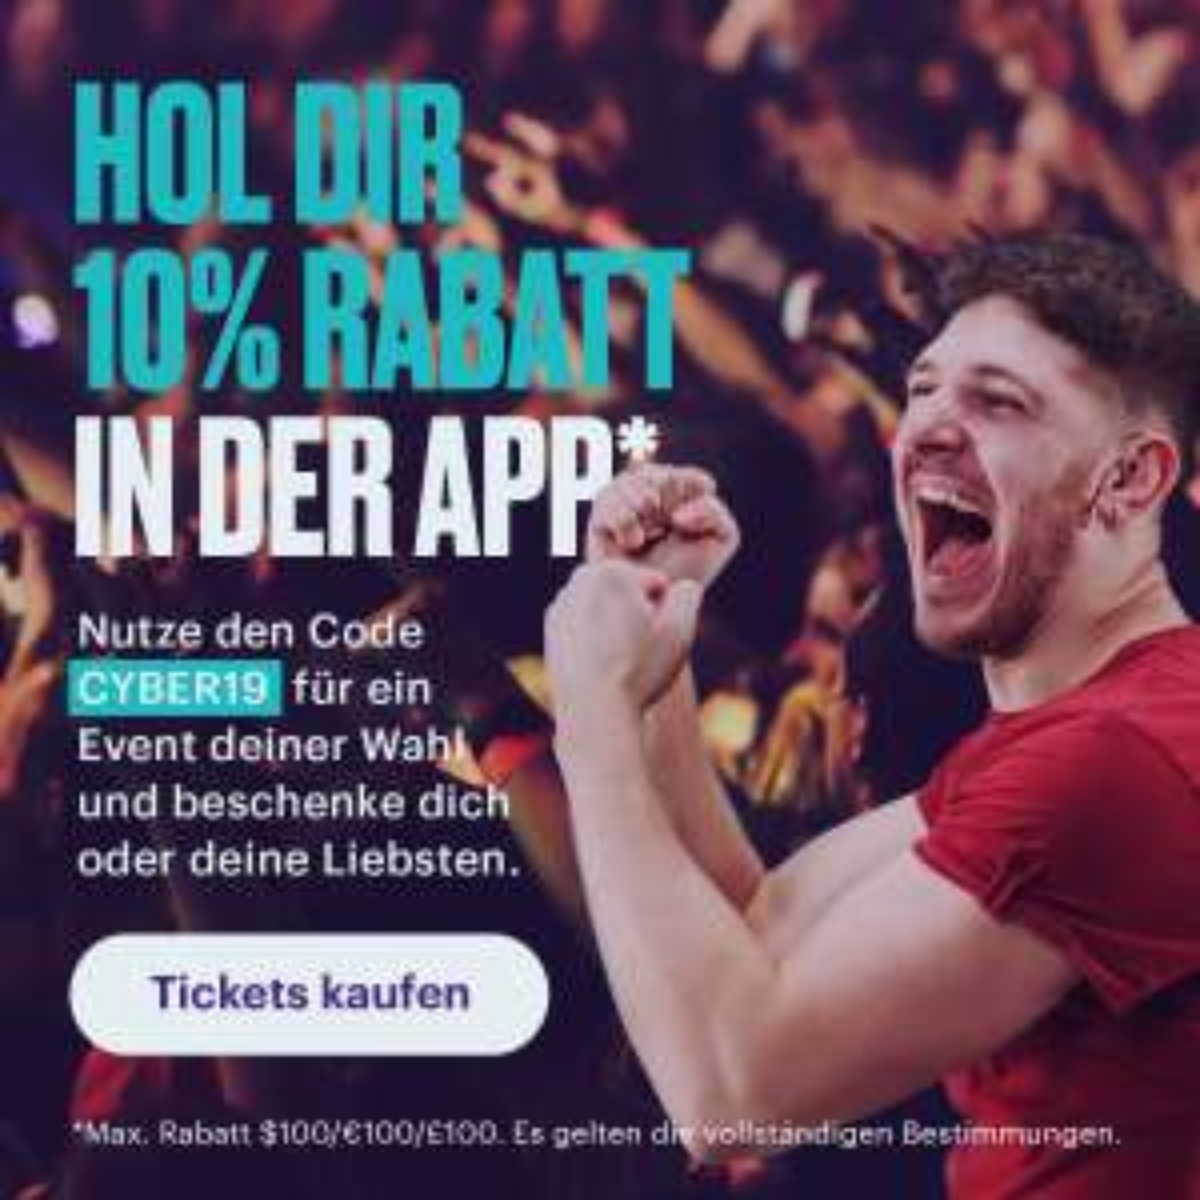 10% Rabatt auf Tickets bei StubHub über die App